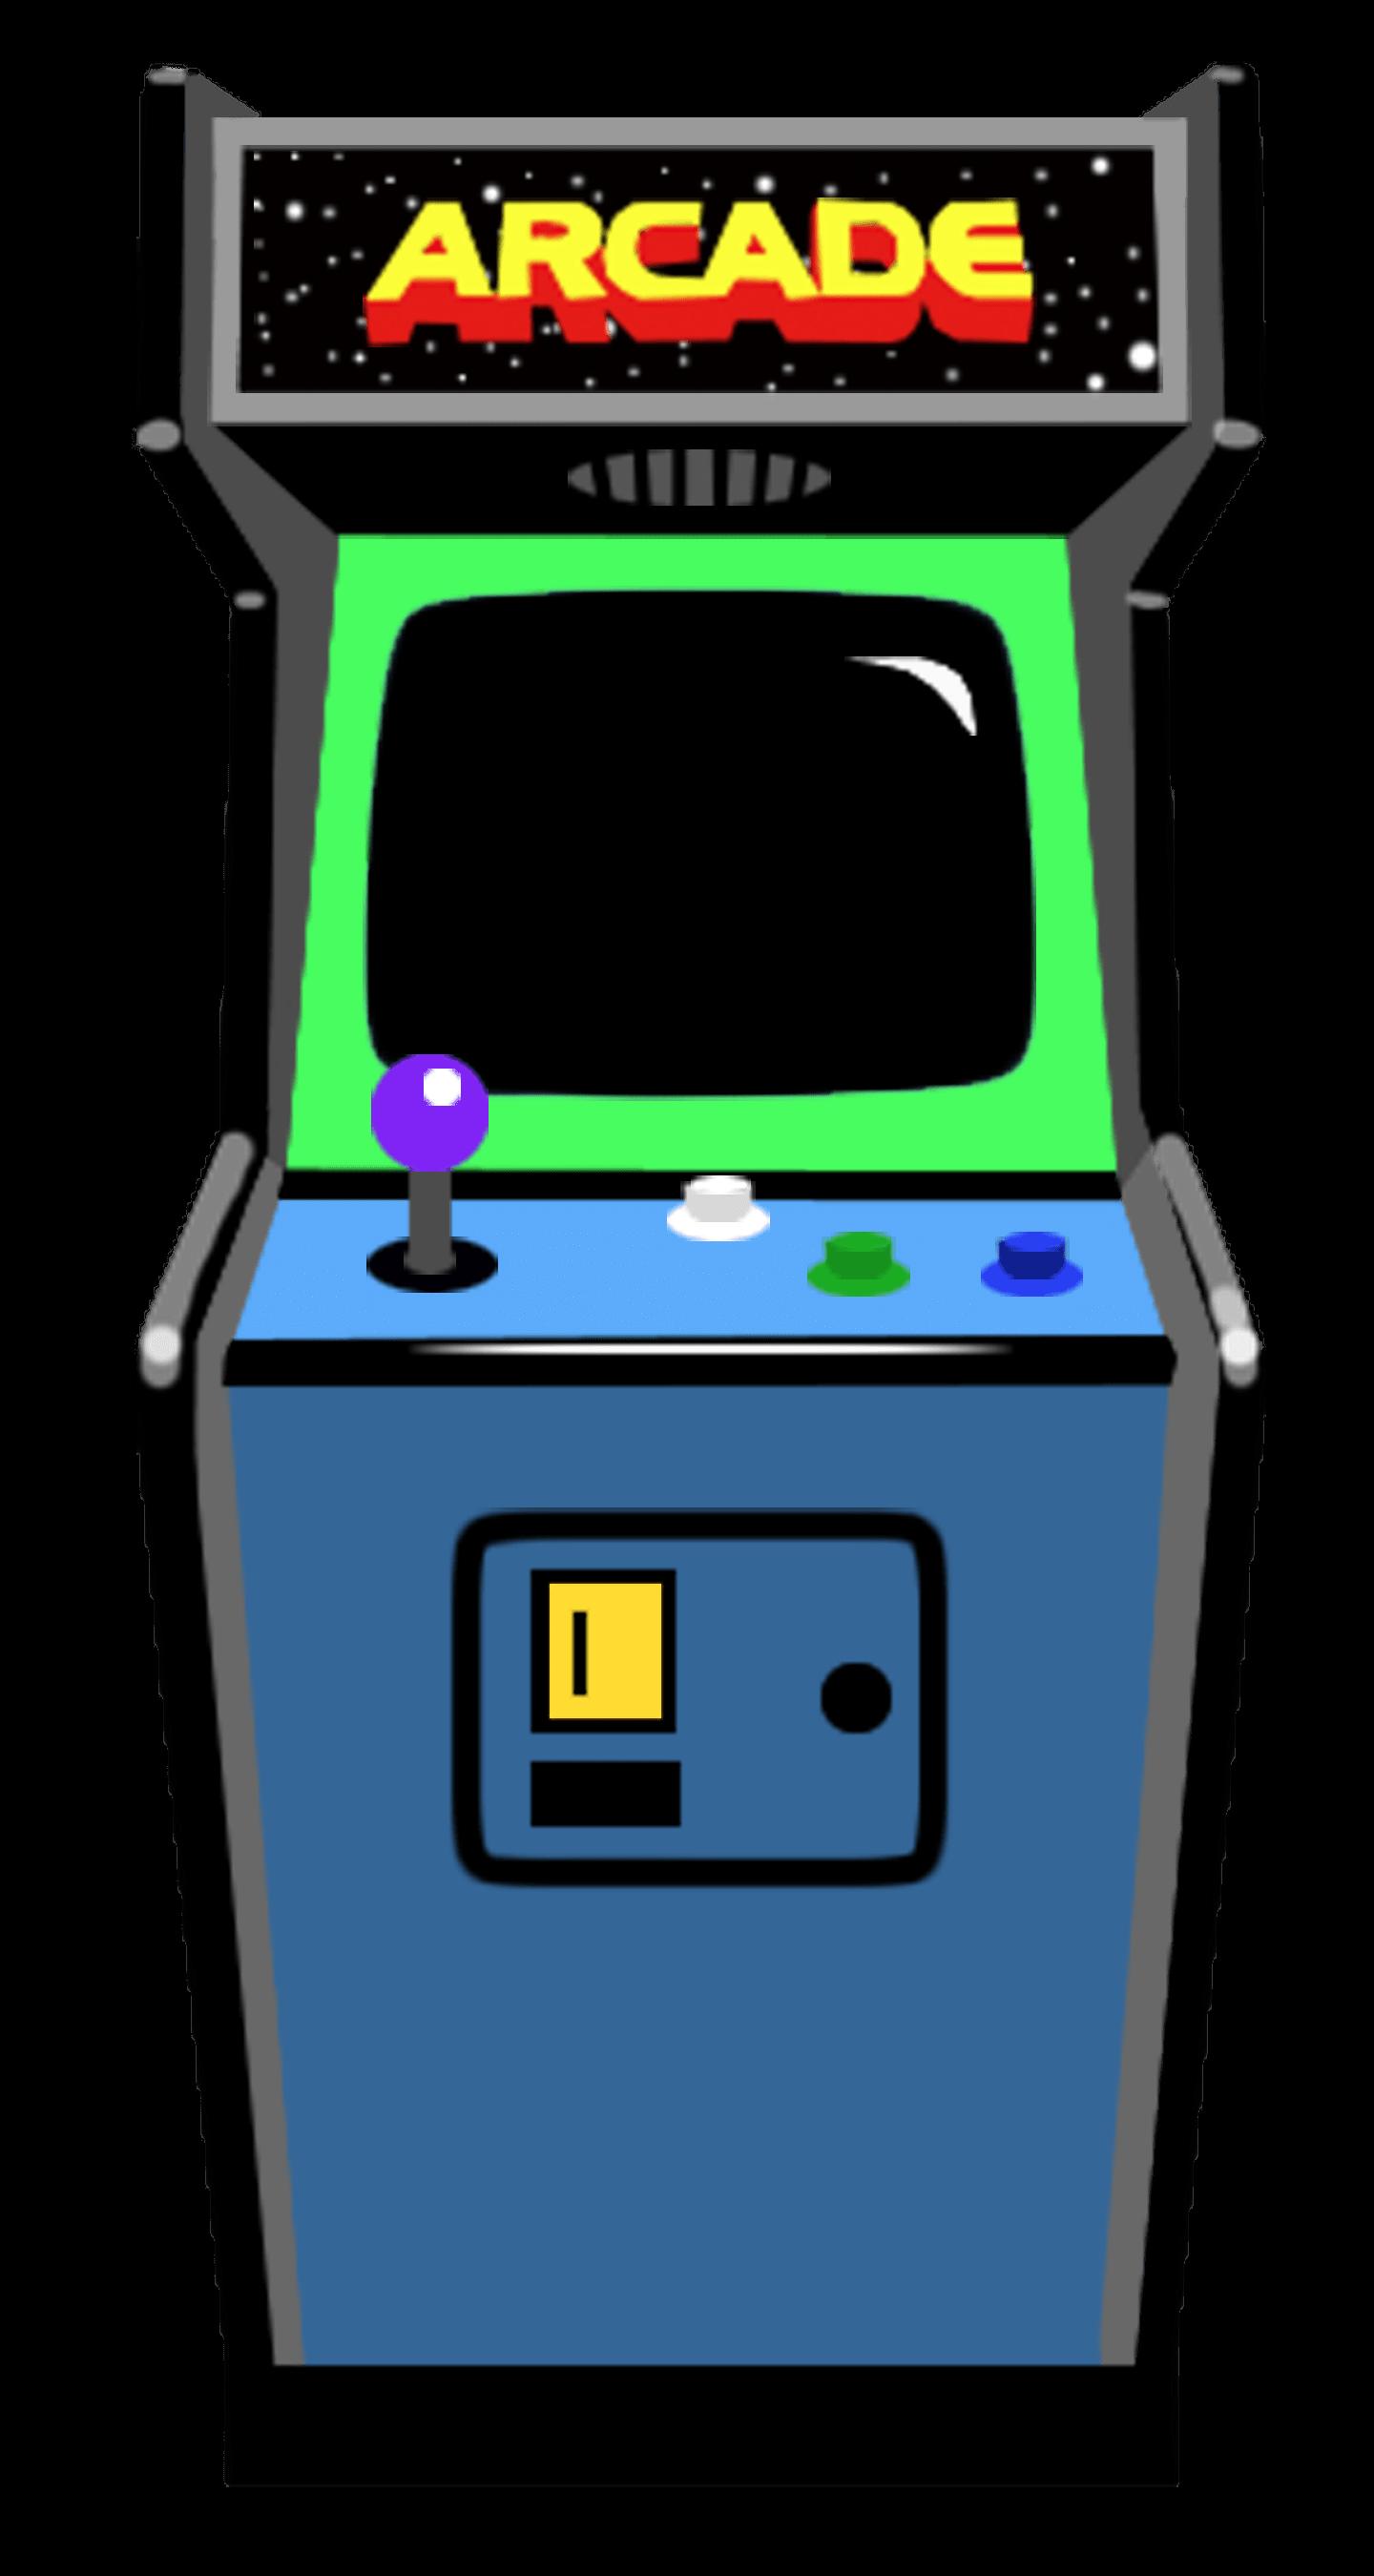 Arcade retro arcade